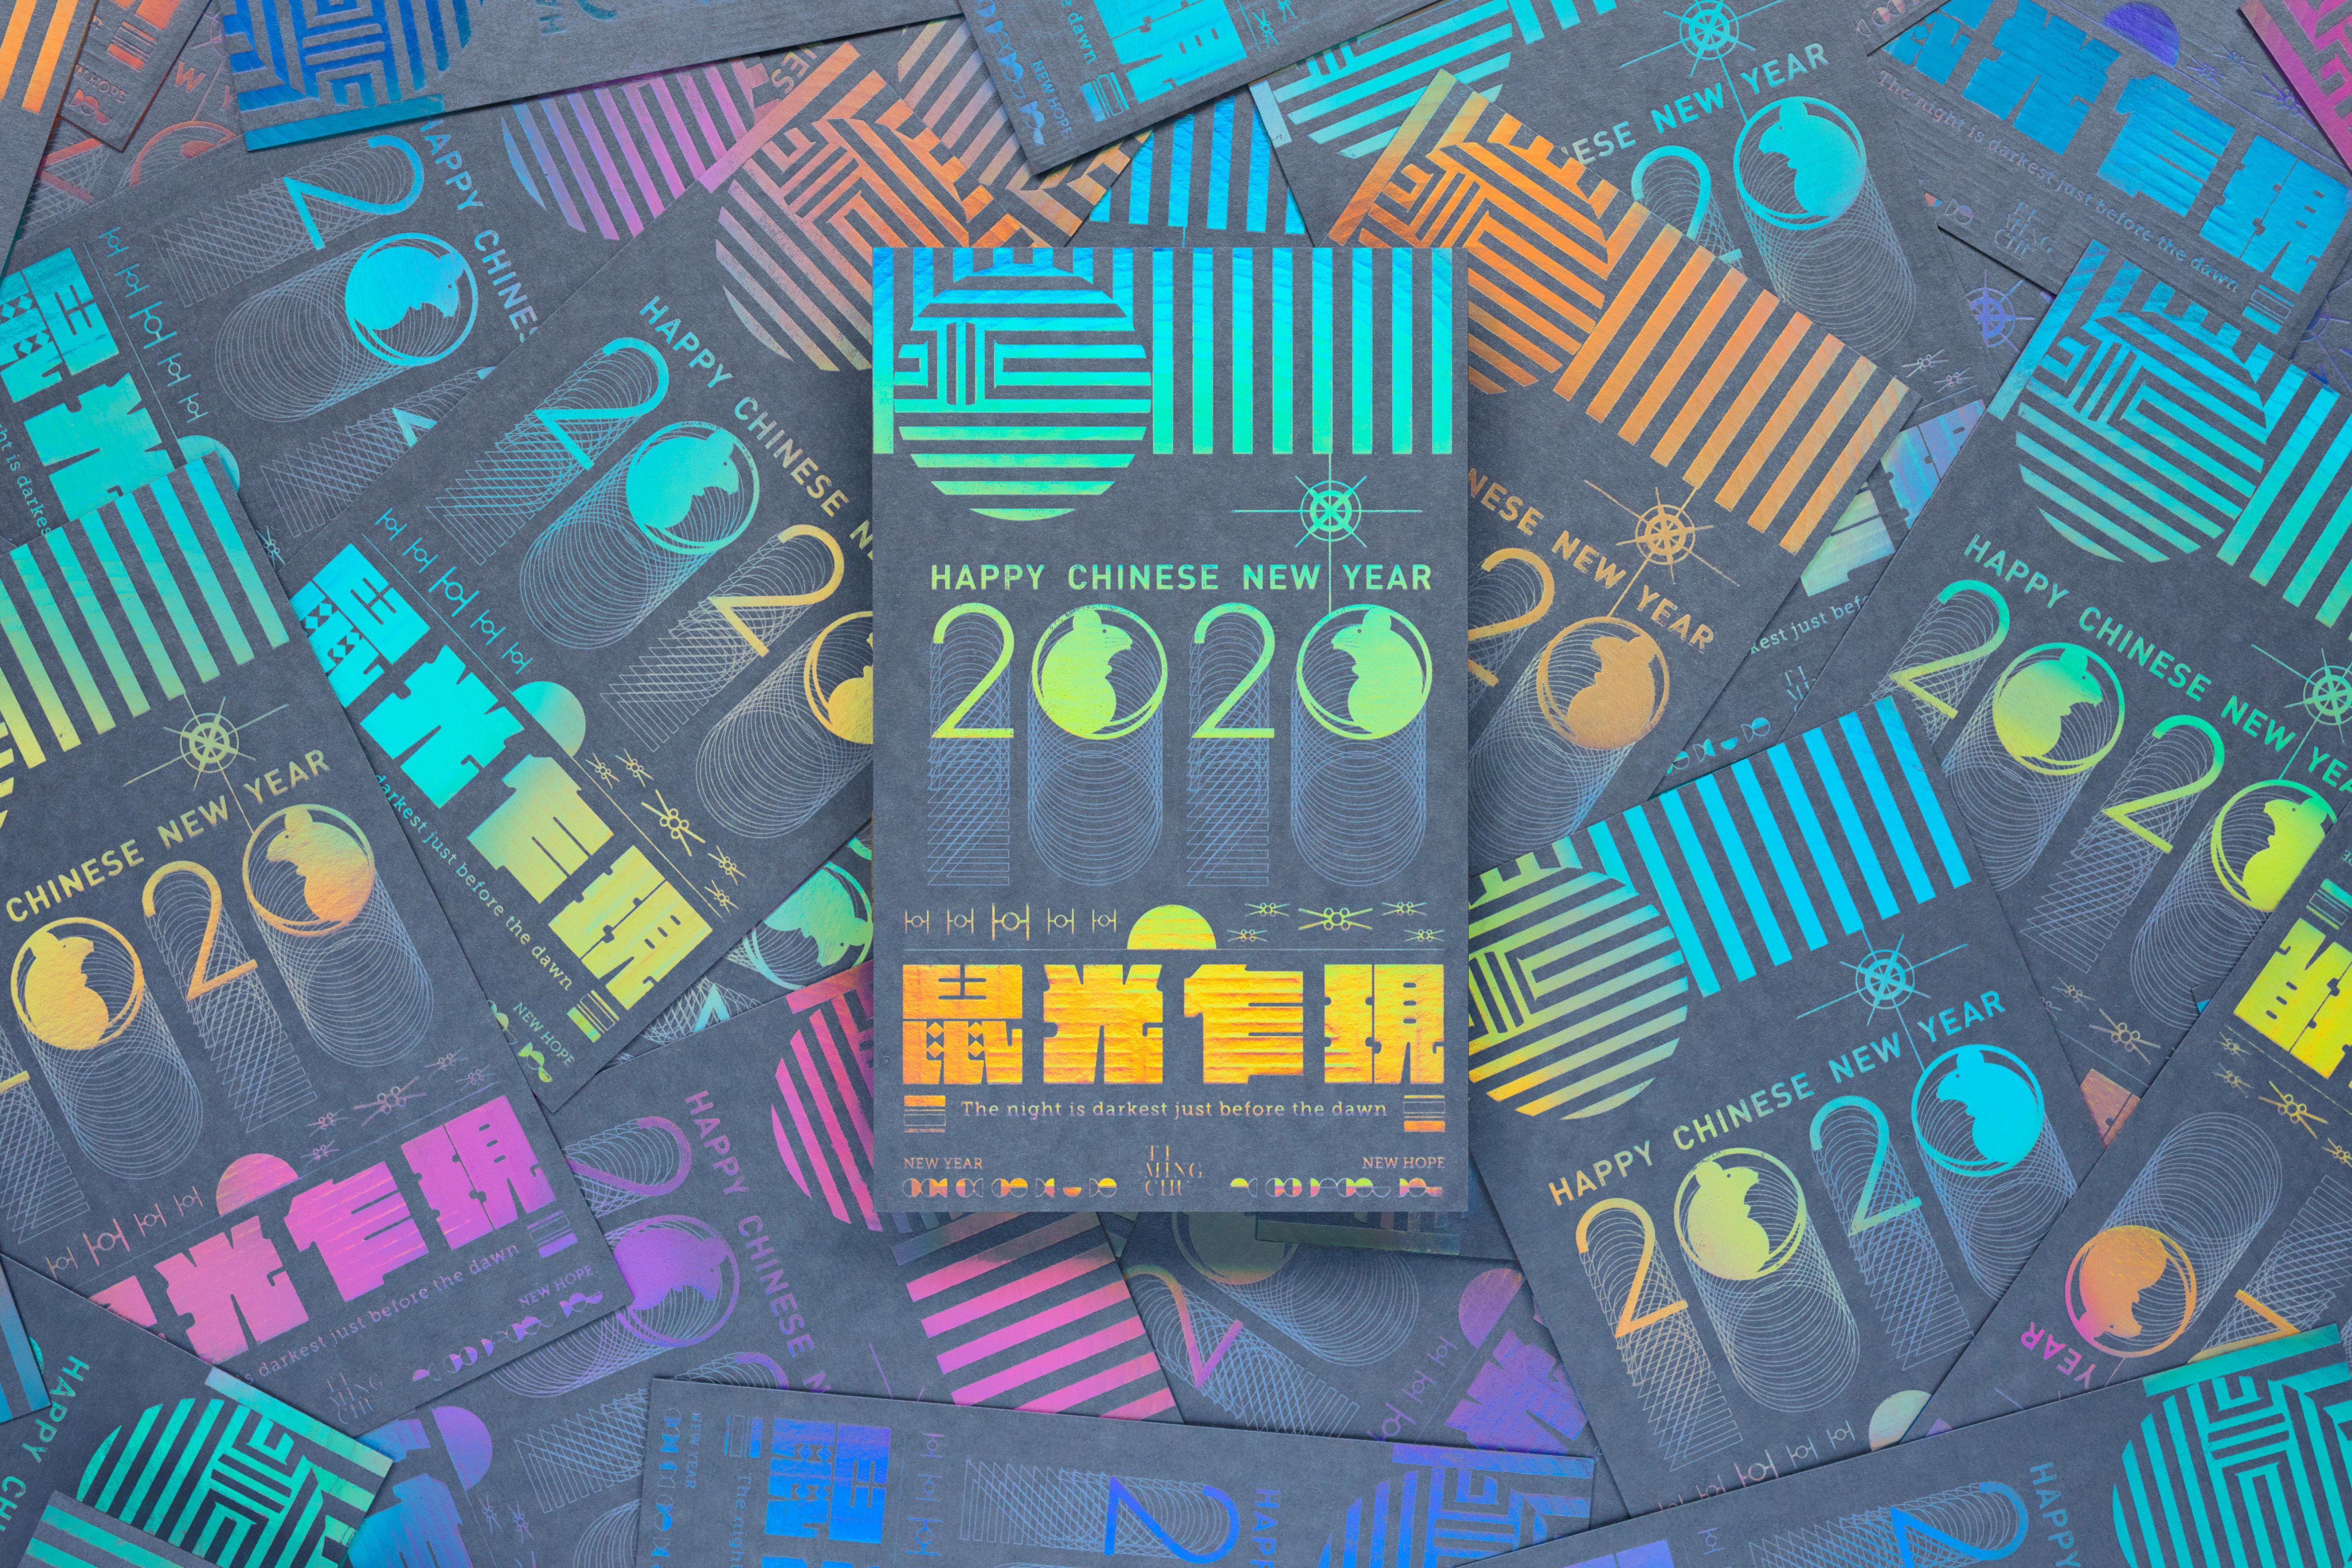 2O2O CHINESE NEW YEAR OF RAT   RAT YEAR RISING YEAR